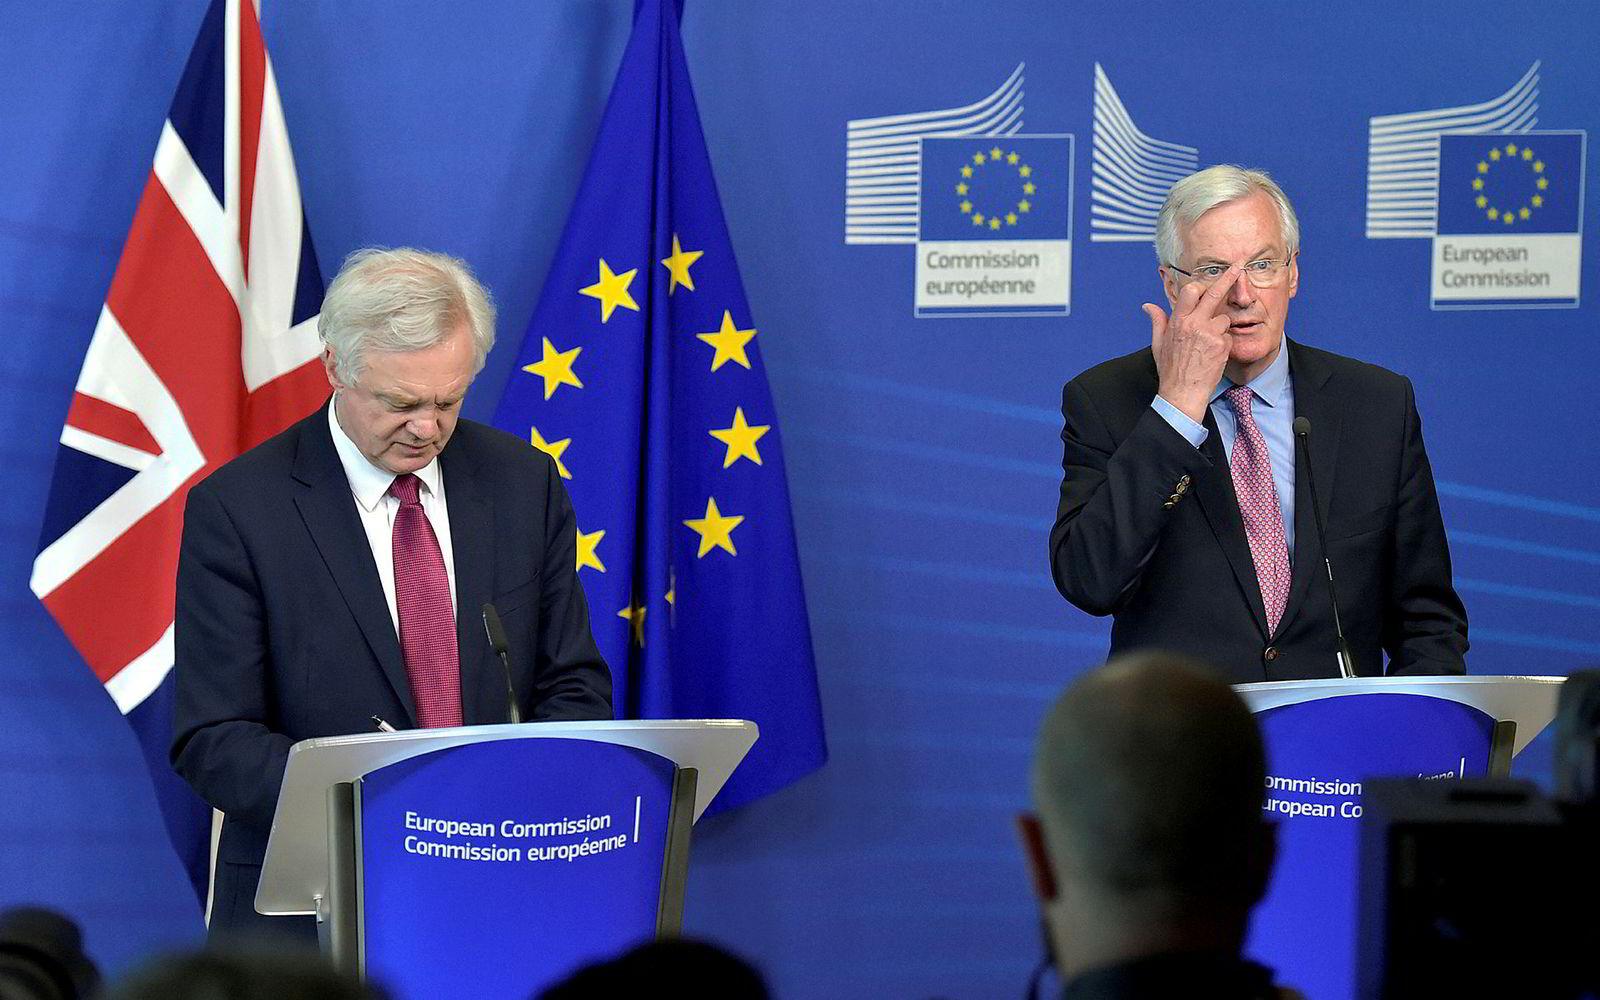 19. juni 2017: Mandag denne uken startet de offisielle brexit-forhandlingene. Brexit-minister David Davis og EUs sjefforhandler Michel Barnier ble enige om organiseringen av arbeidet. Barnier sendte et litt uheldig signal da han skulle rette på brillene under pressekonferansen.